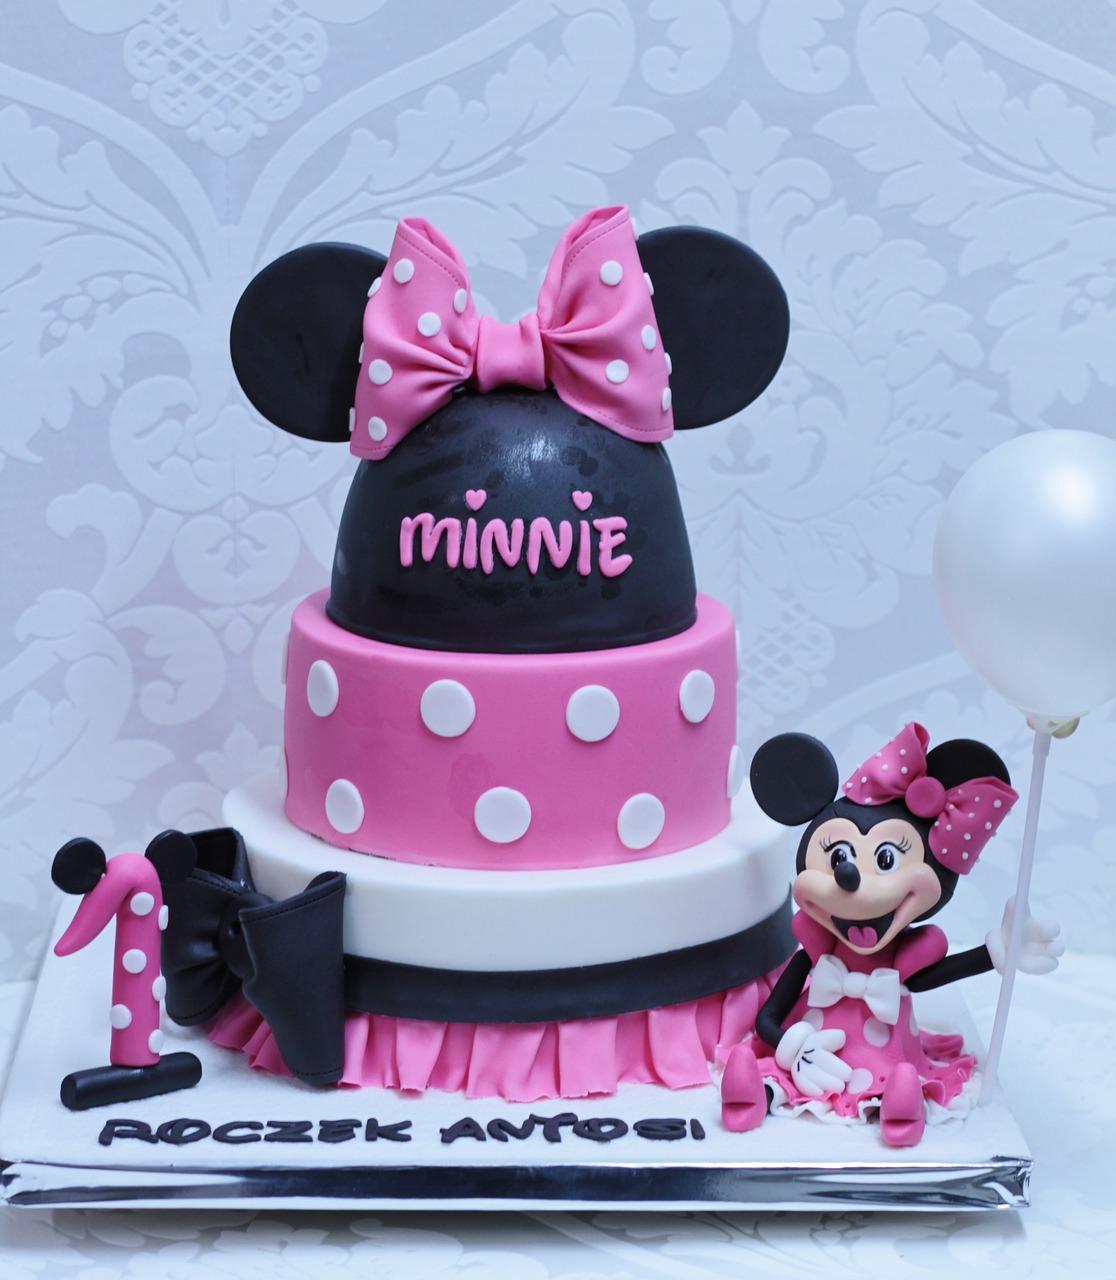 Amazing Cake One Year Old Birthday Decoration Creative Free Image From Personalised Birthday Cards Vishlily Jamesorg